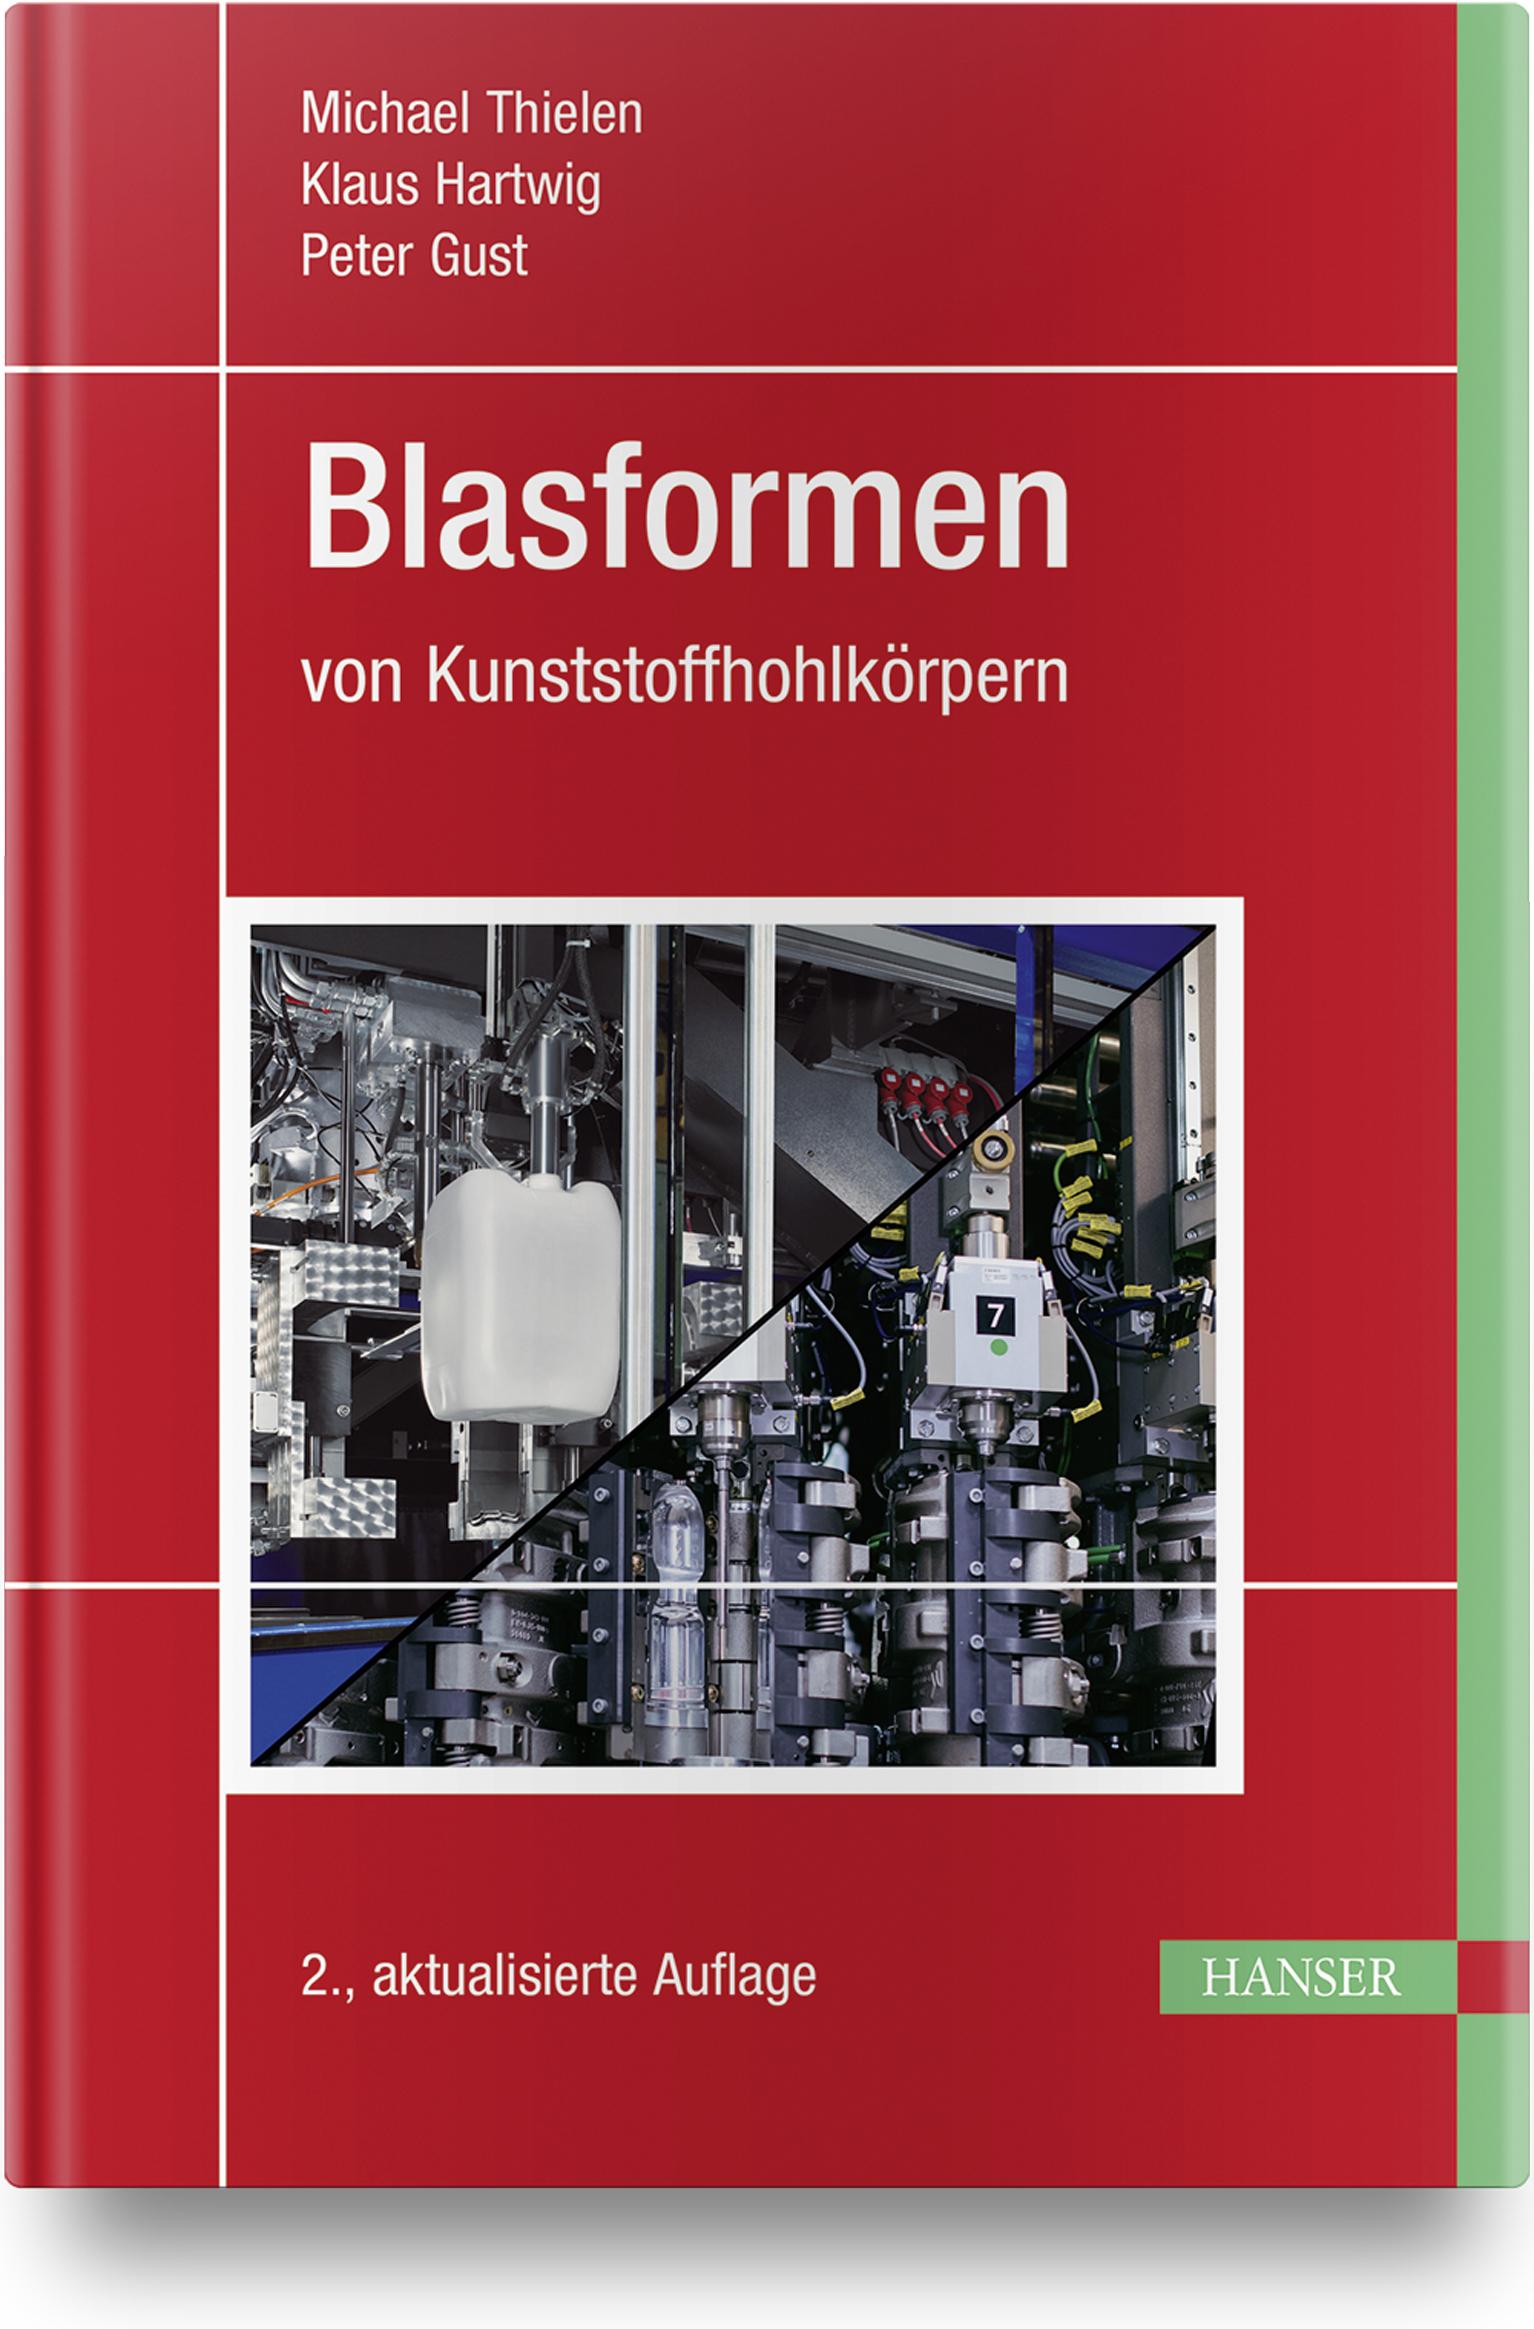 Thielen, Gust, Hartwig, Blasformen, 978-3-446-45552-8